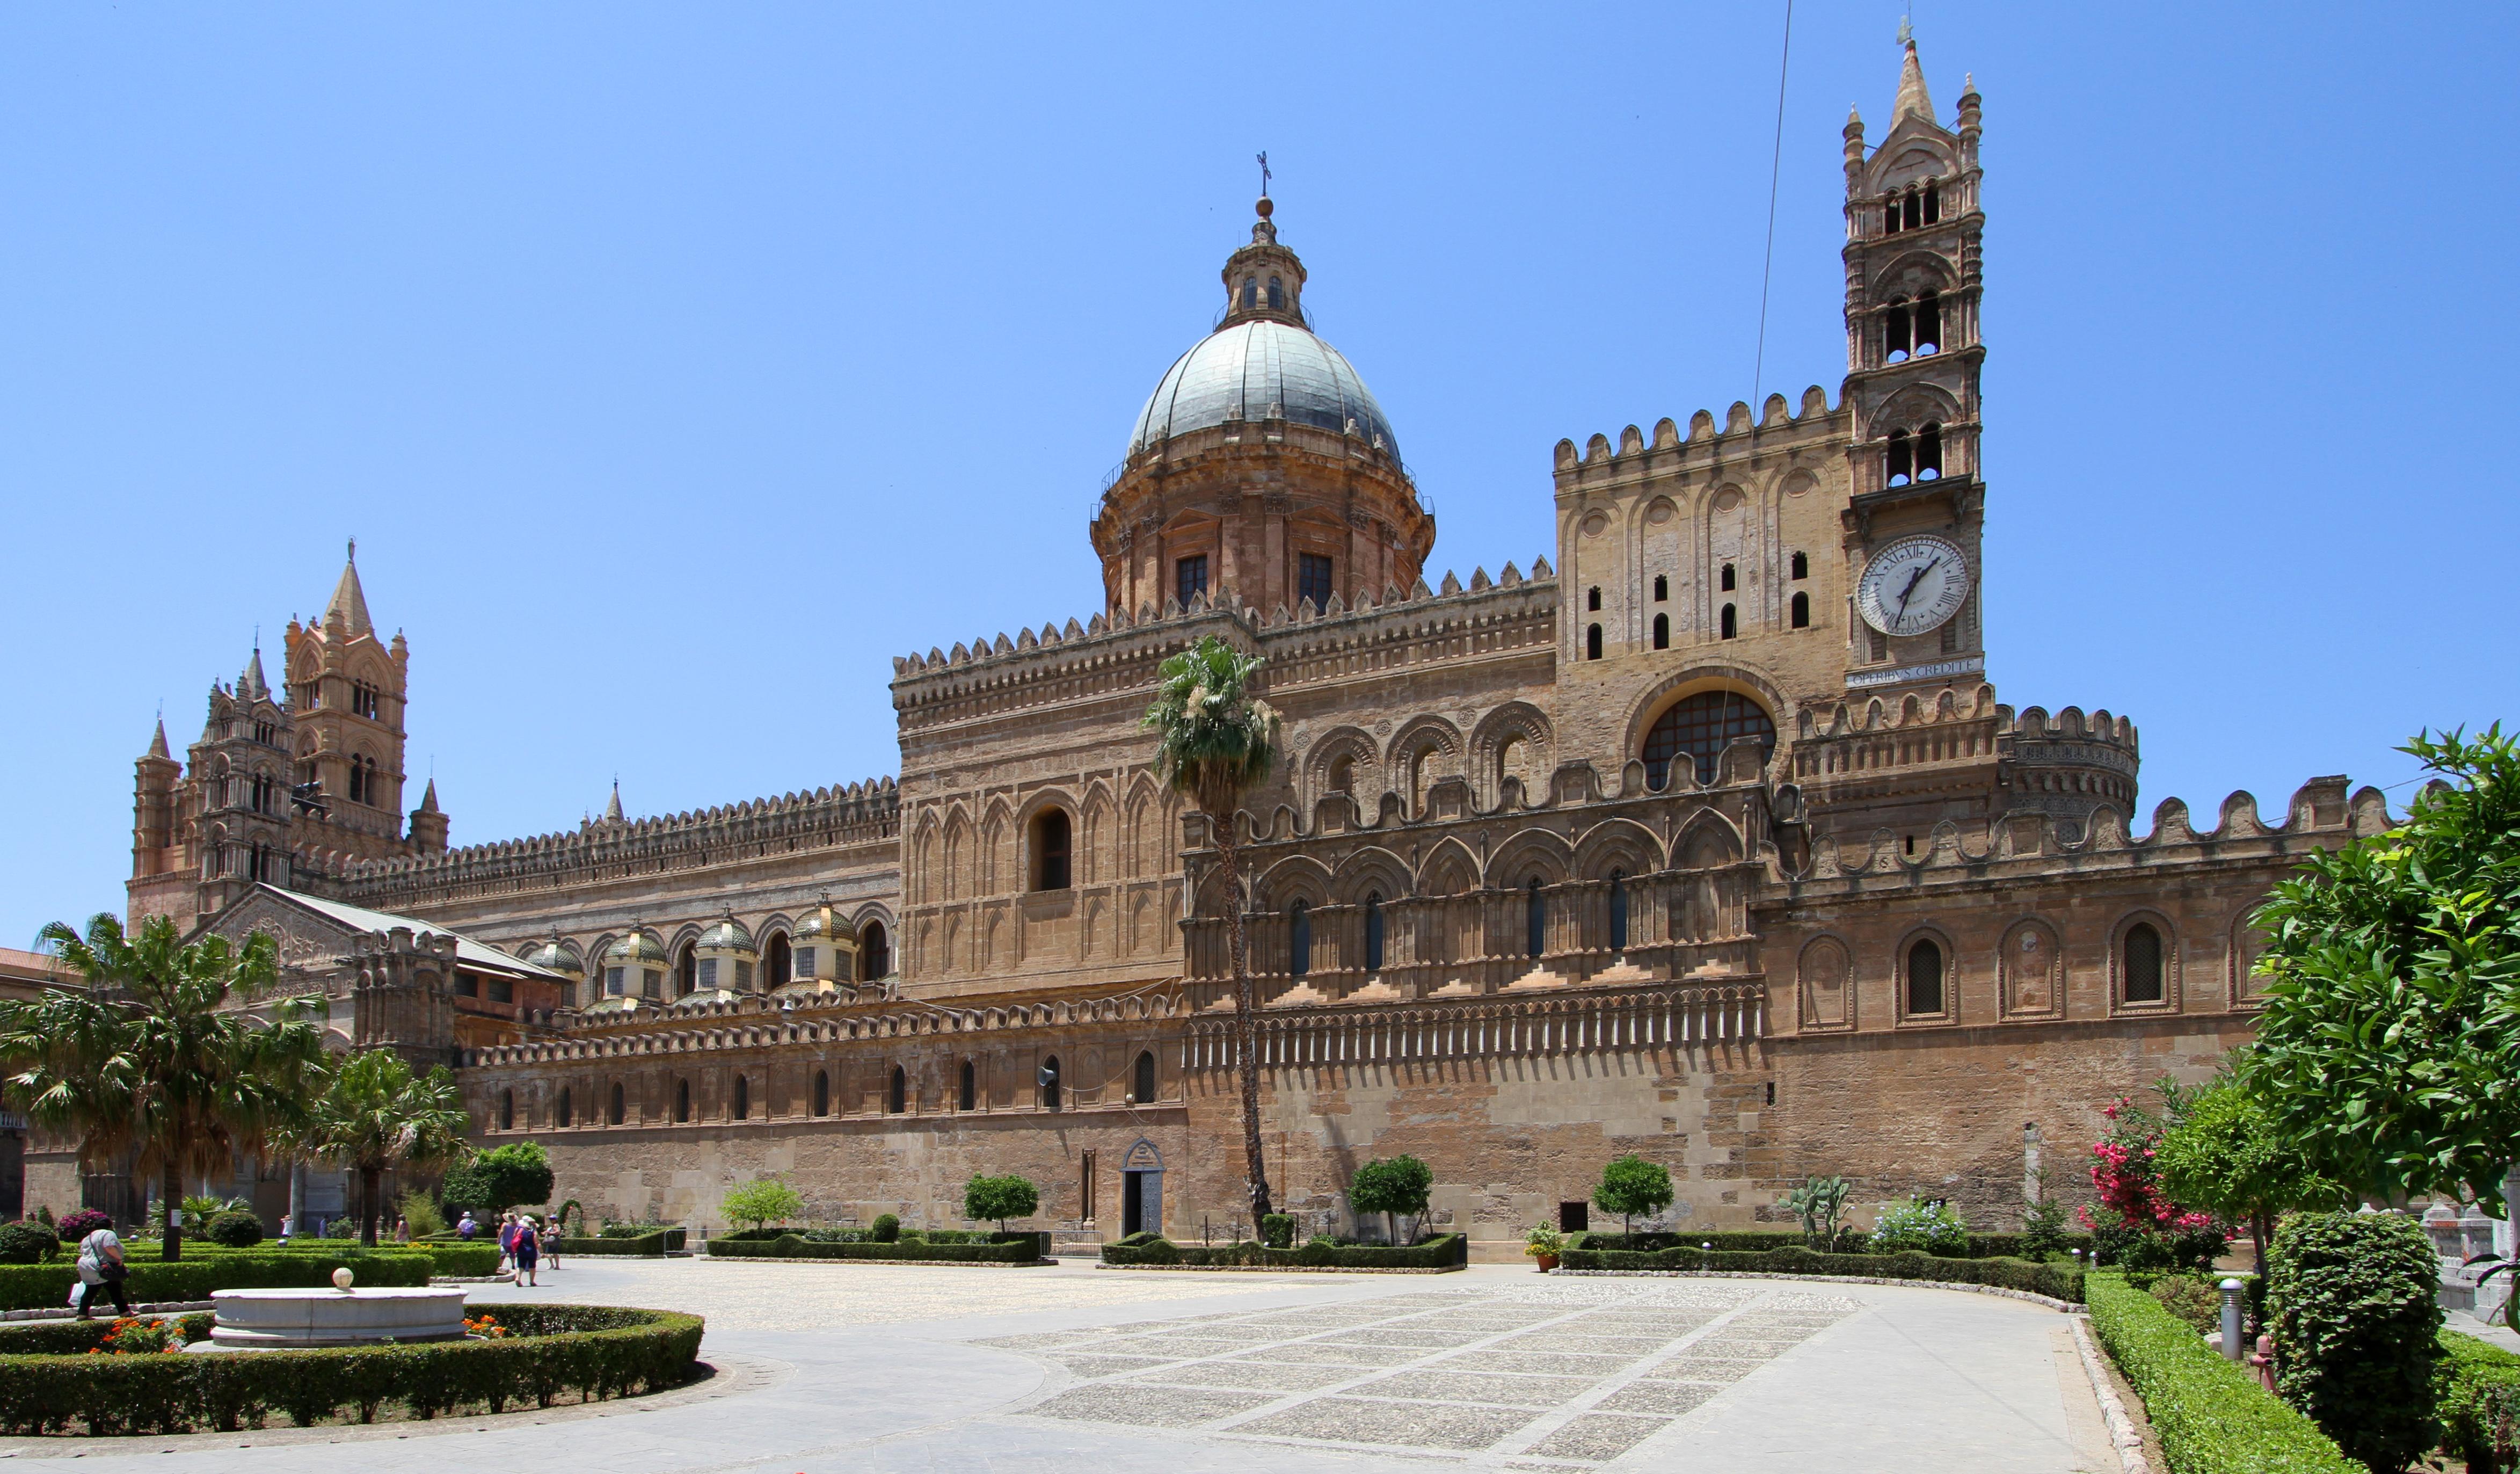 cattedrale di palermo - centro storico - agt palermo guide